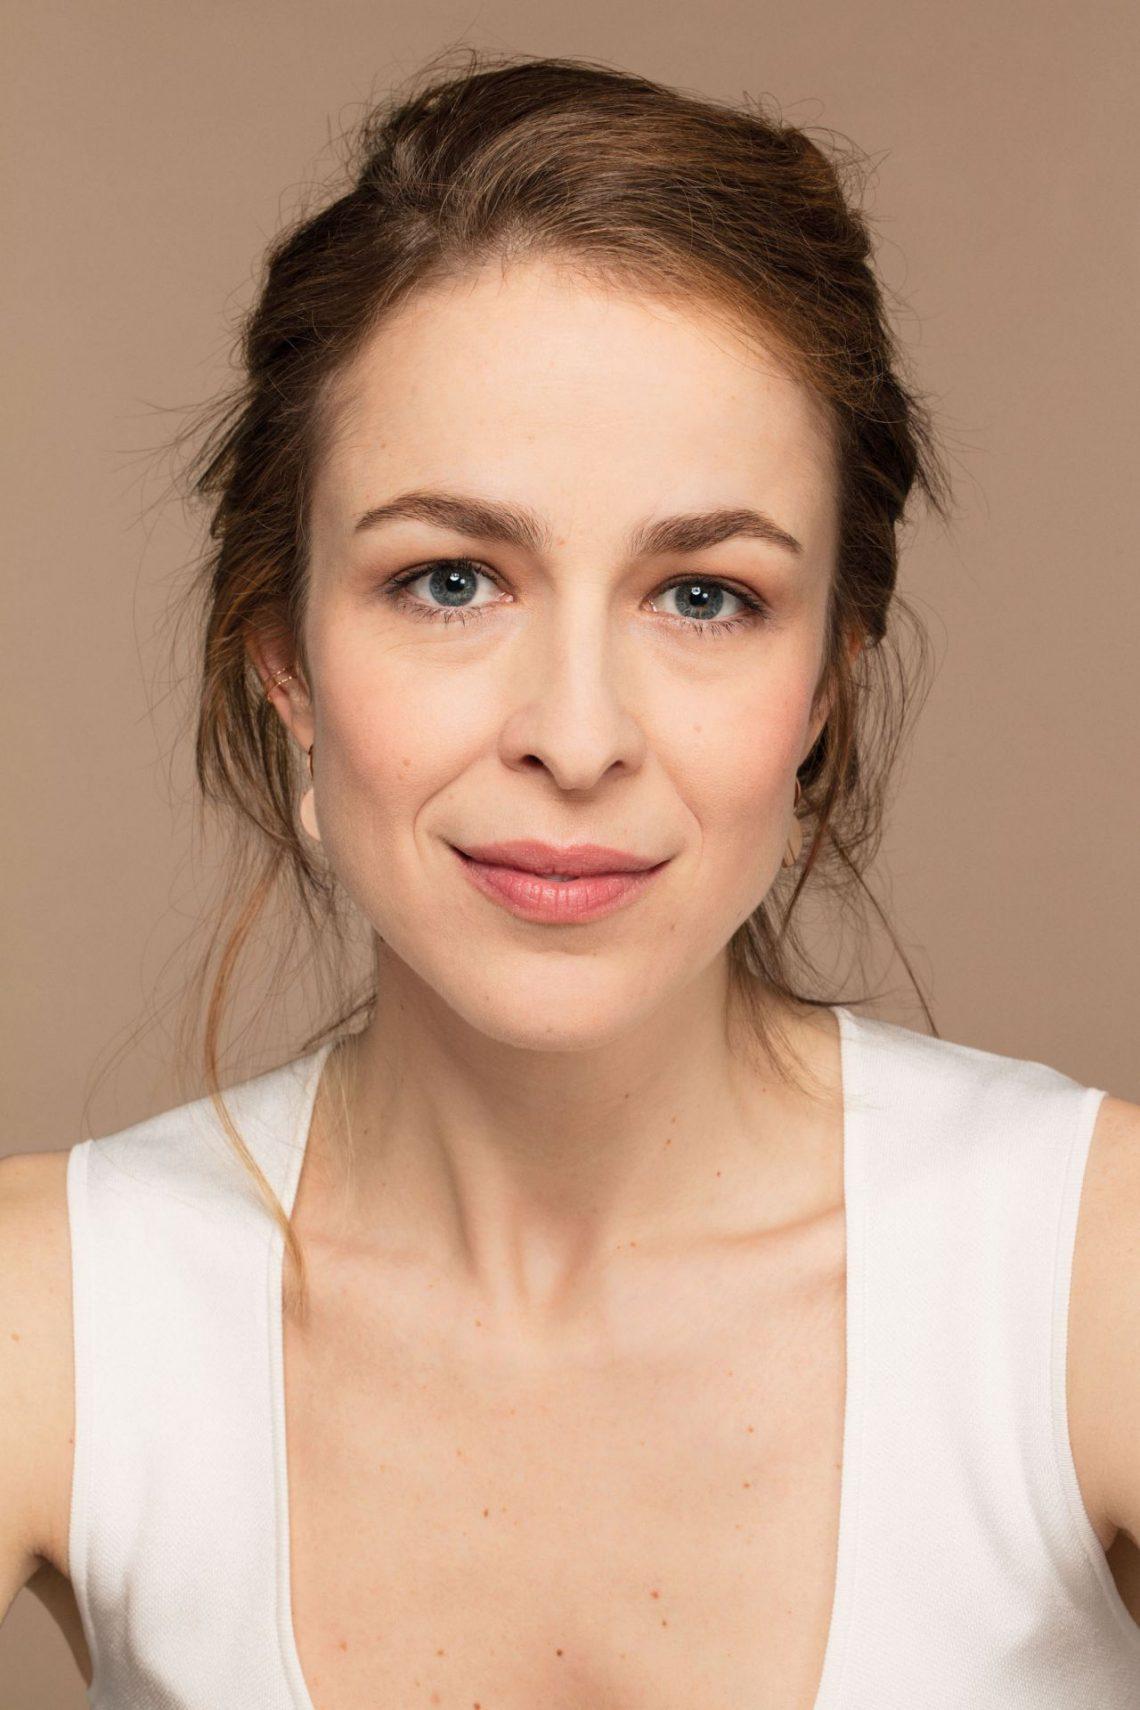 Entrevistamos a Silvia Abascal y nos desvela un curioso tip de belleza que vamos a poner en practica desde YA (deja unos labios espectaculares)